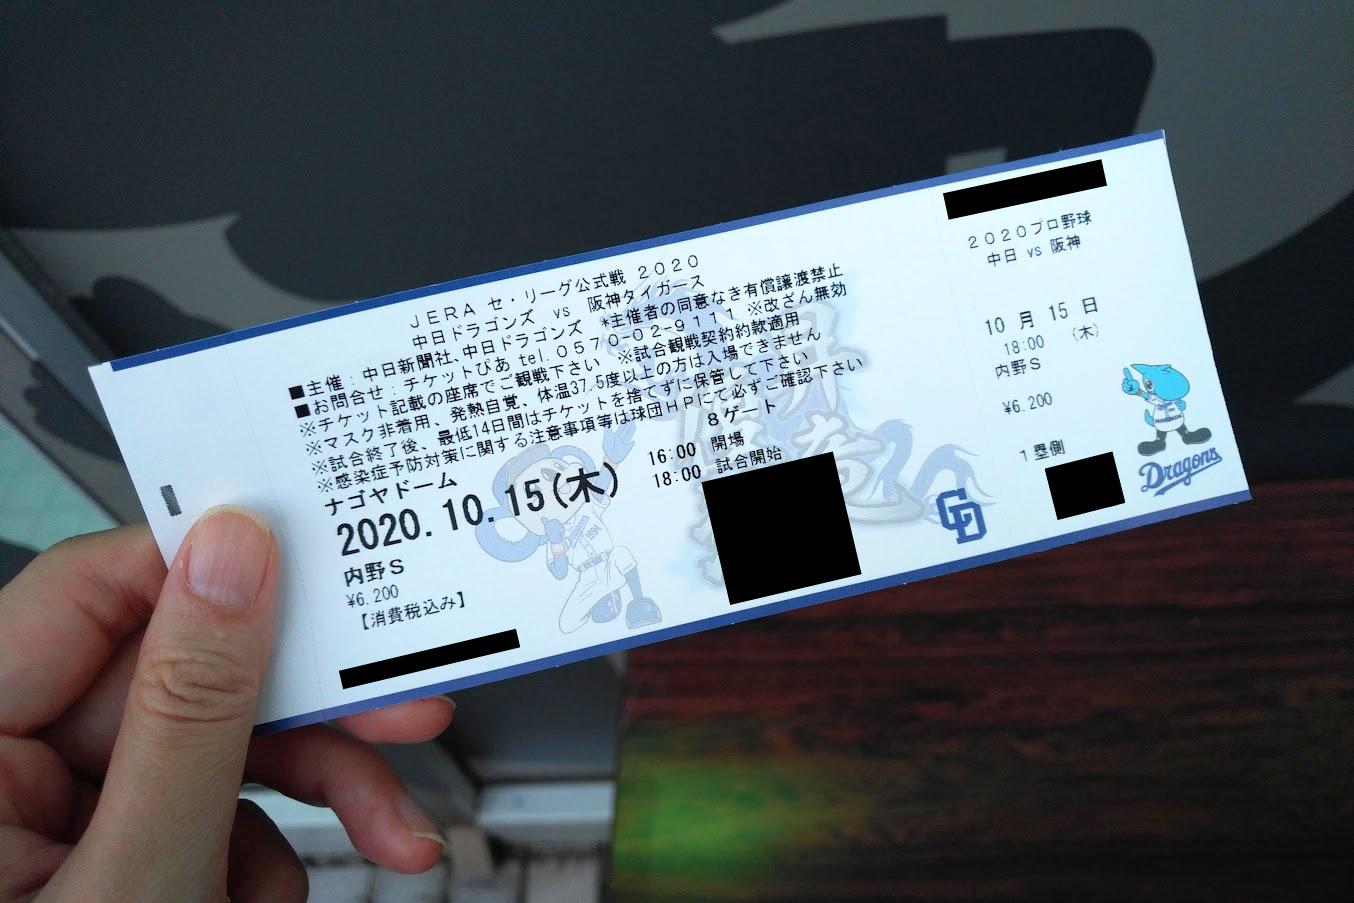 中日ドラゴンズチケット